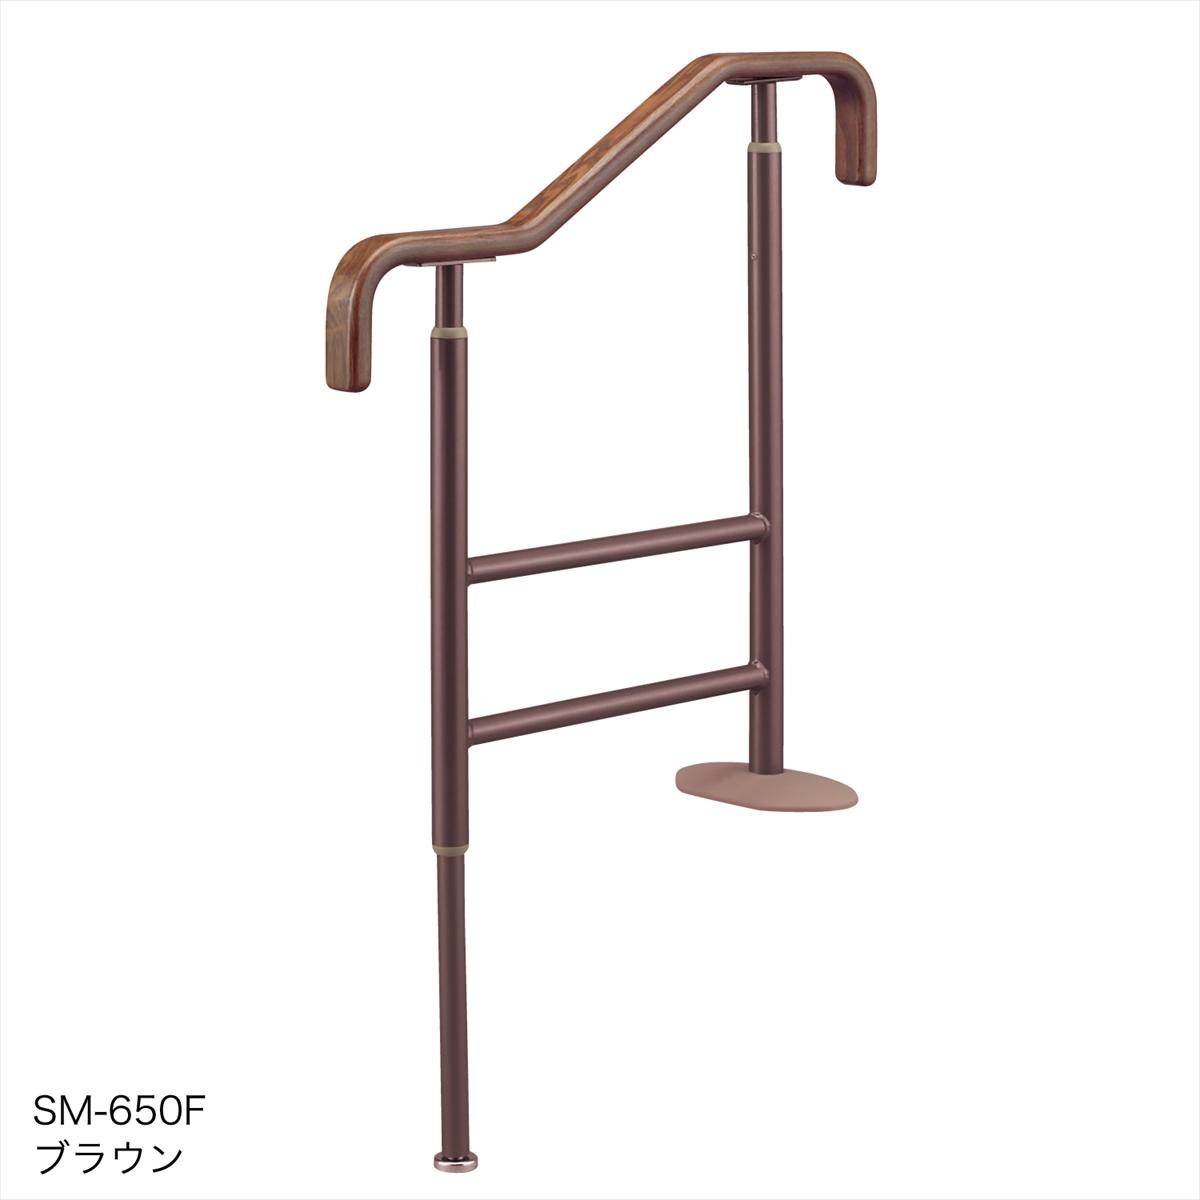 [アロン化成]安寿 上がりかまち用手すり フラット型固定板 SM-650F 531-056 531-058